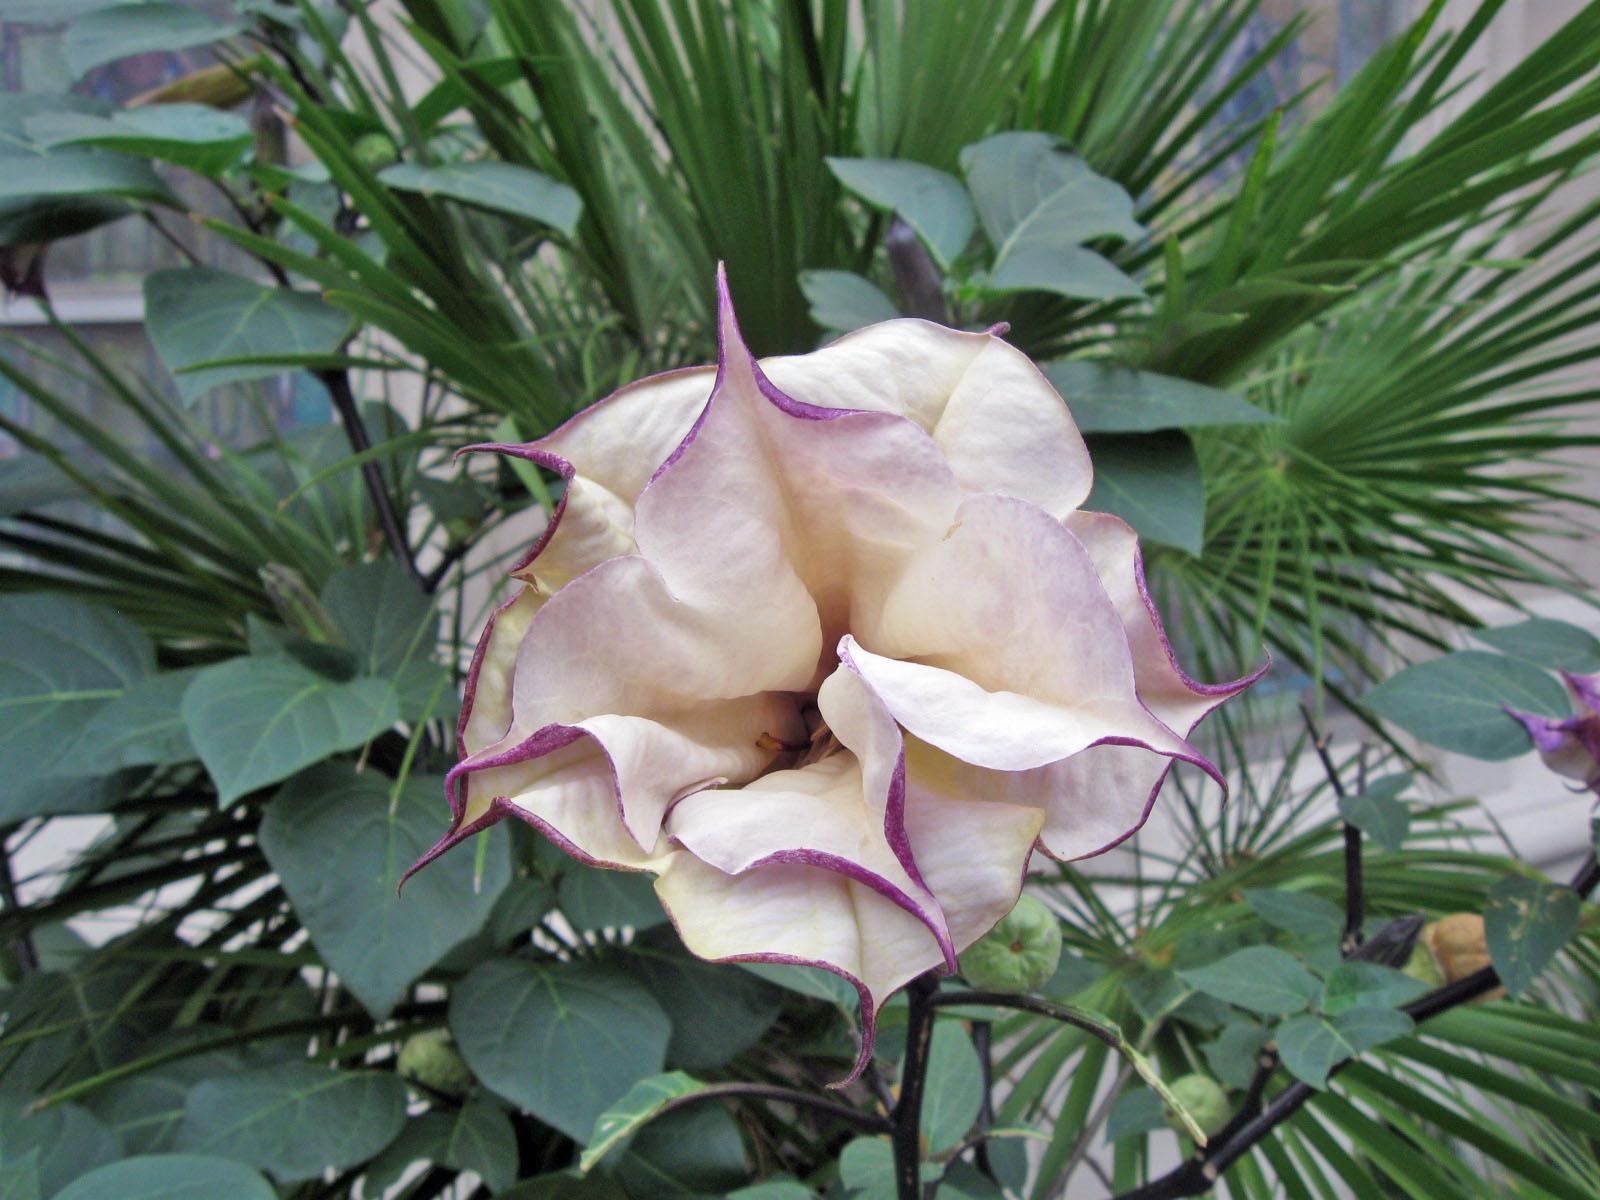 Angel's Trumpet Flower